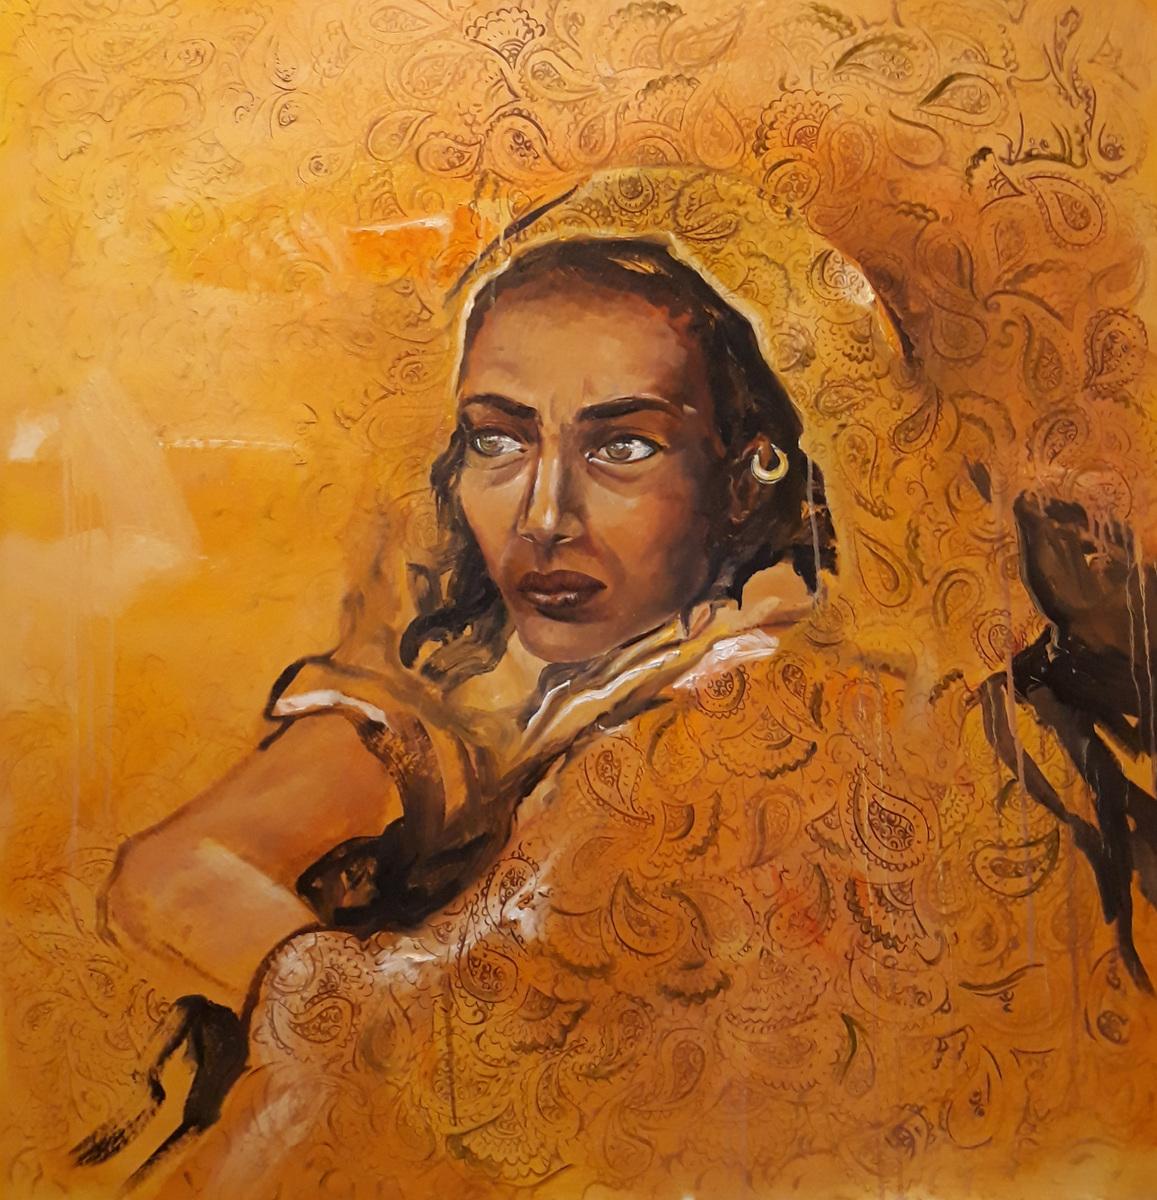 Martina Dalla Stella - Trame, olio su tela, 120x120 cm, 2019